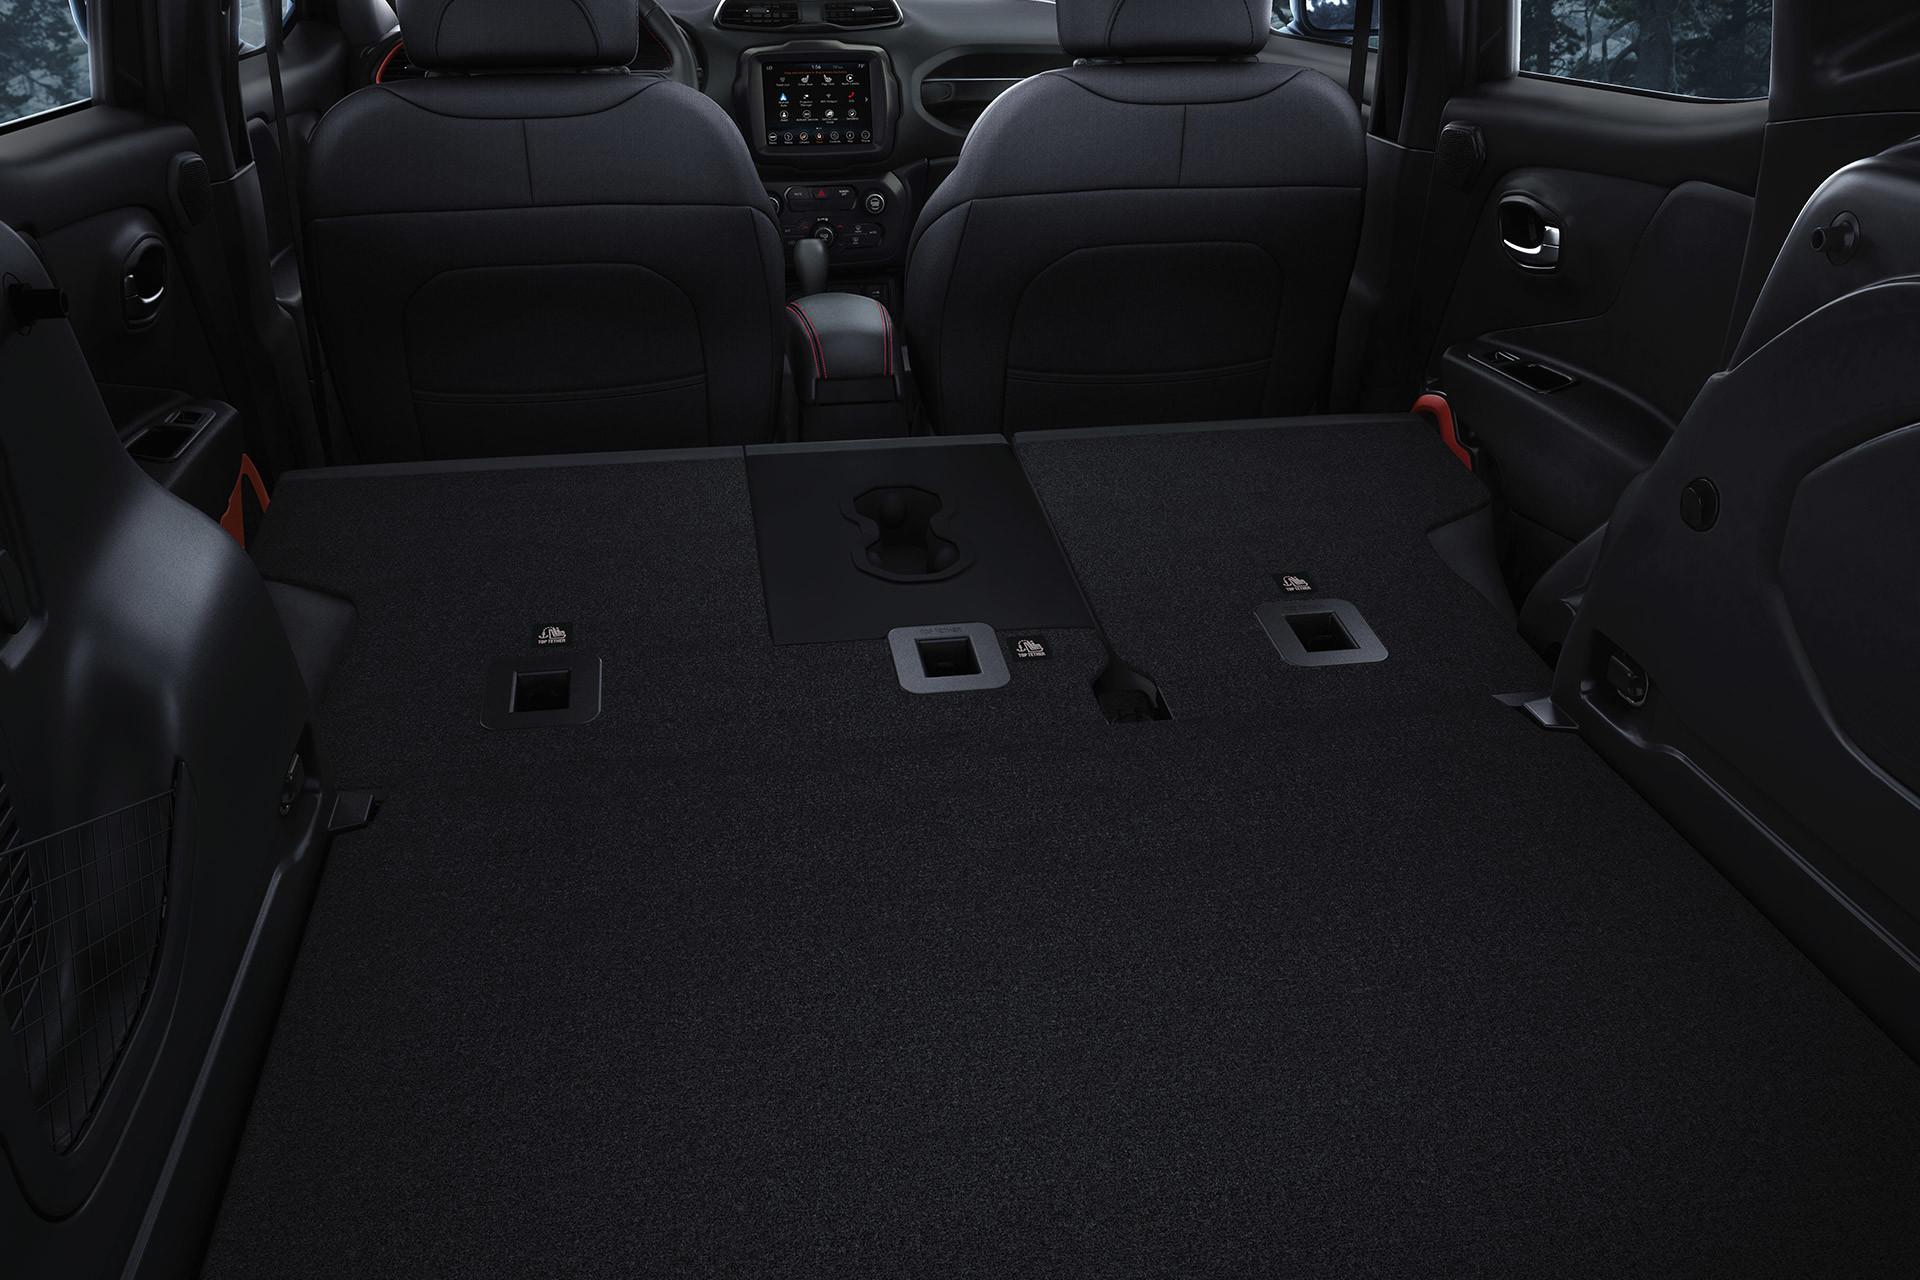 Jeep Renegade Interior >> 2020 Jeep Renegade Interior Gallery Jeep Canada